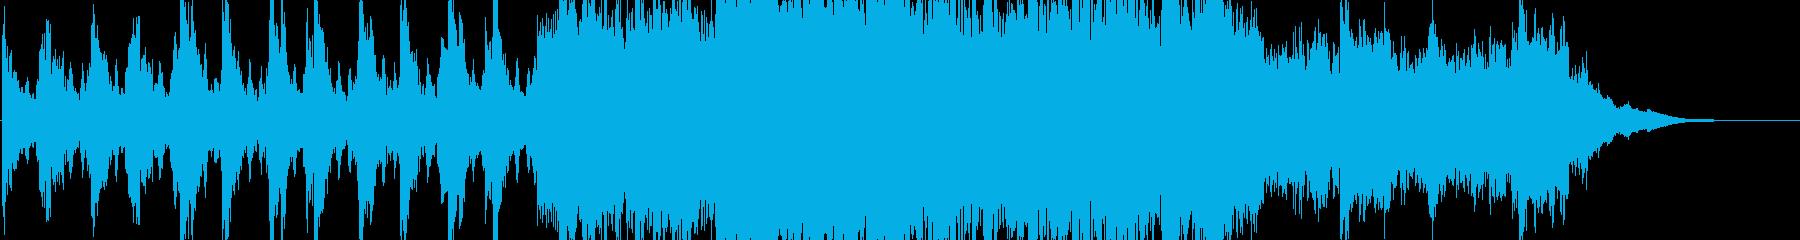 壮大で迫力のあるエピック系オーケストラの再生済みの波形